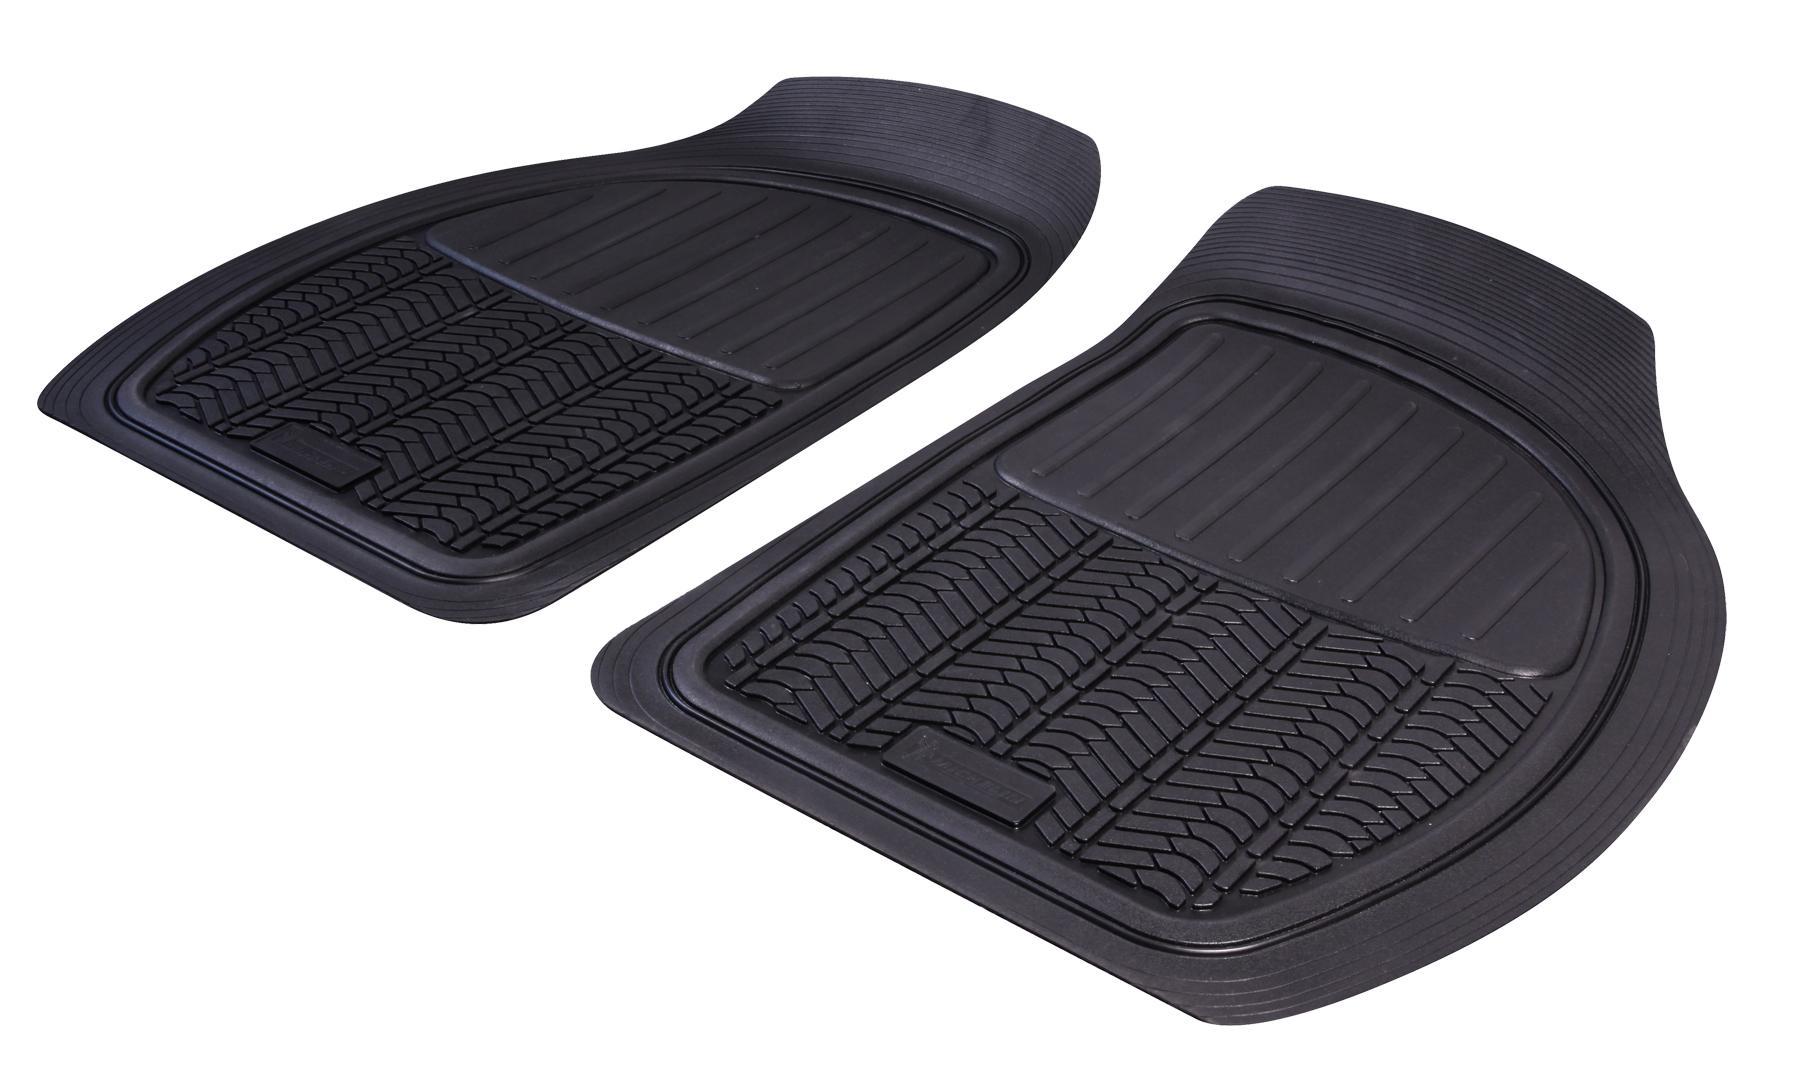 009071 Michelin Universeel geschikt Rubber, Voor, Aantal: 2, Zwart Vloermatset 009071